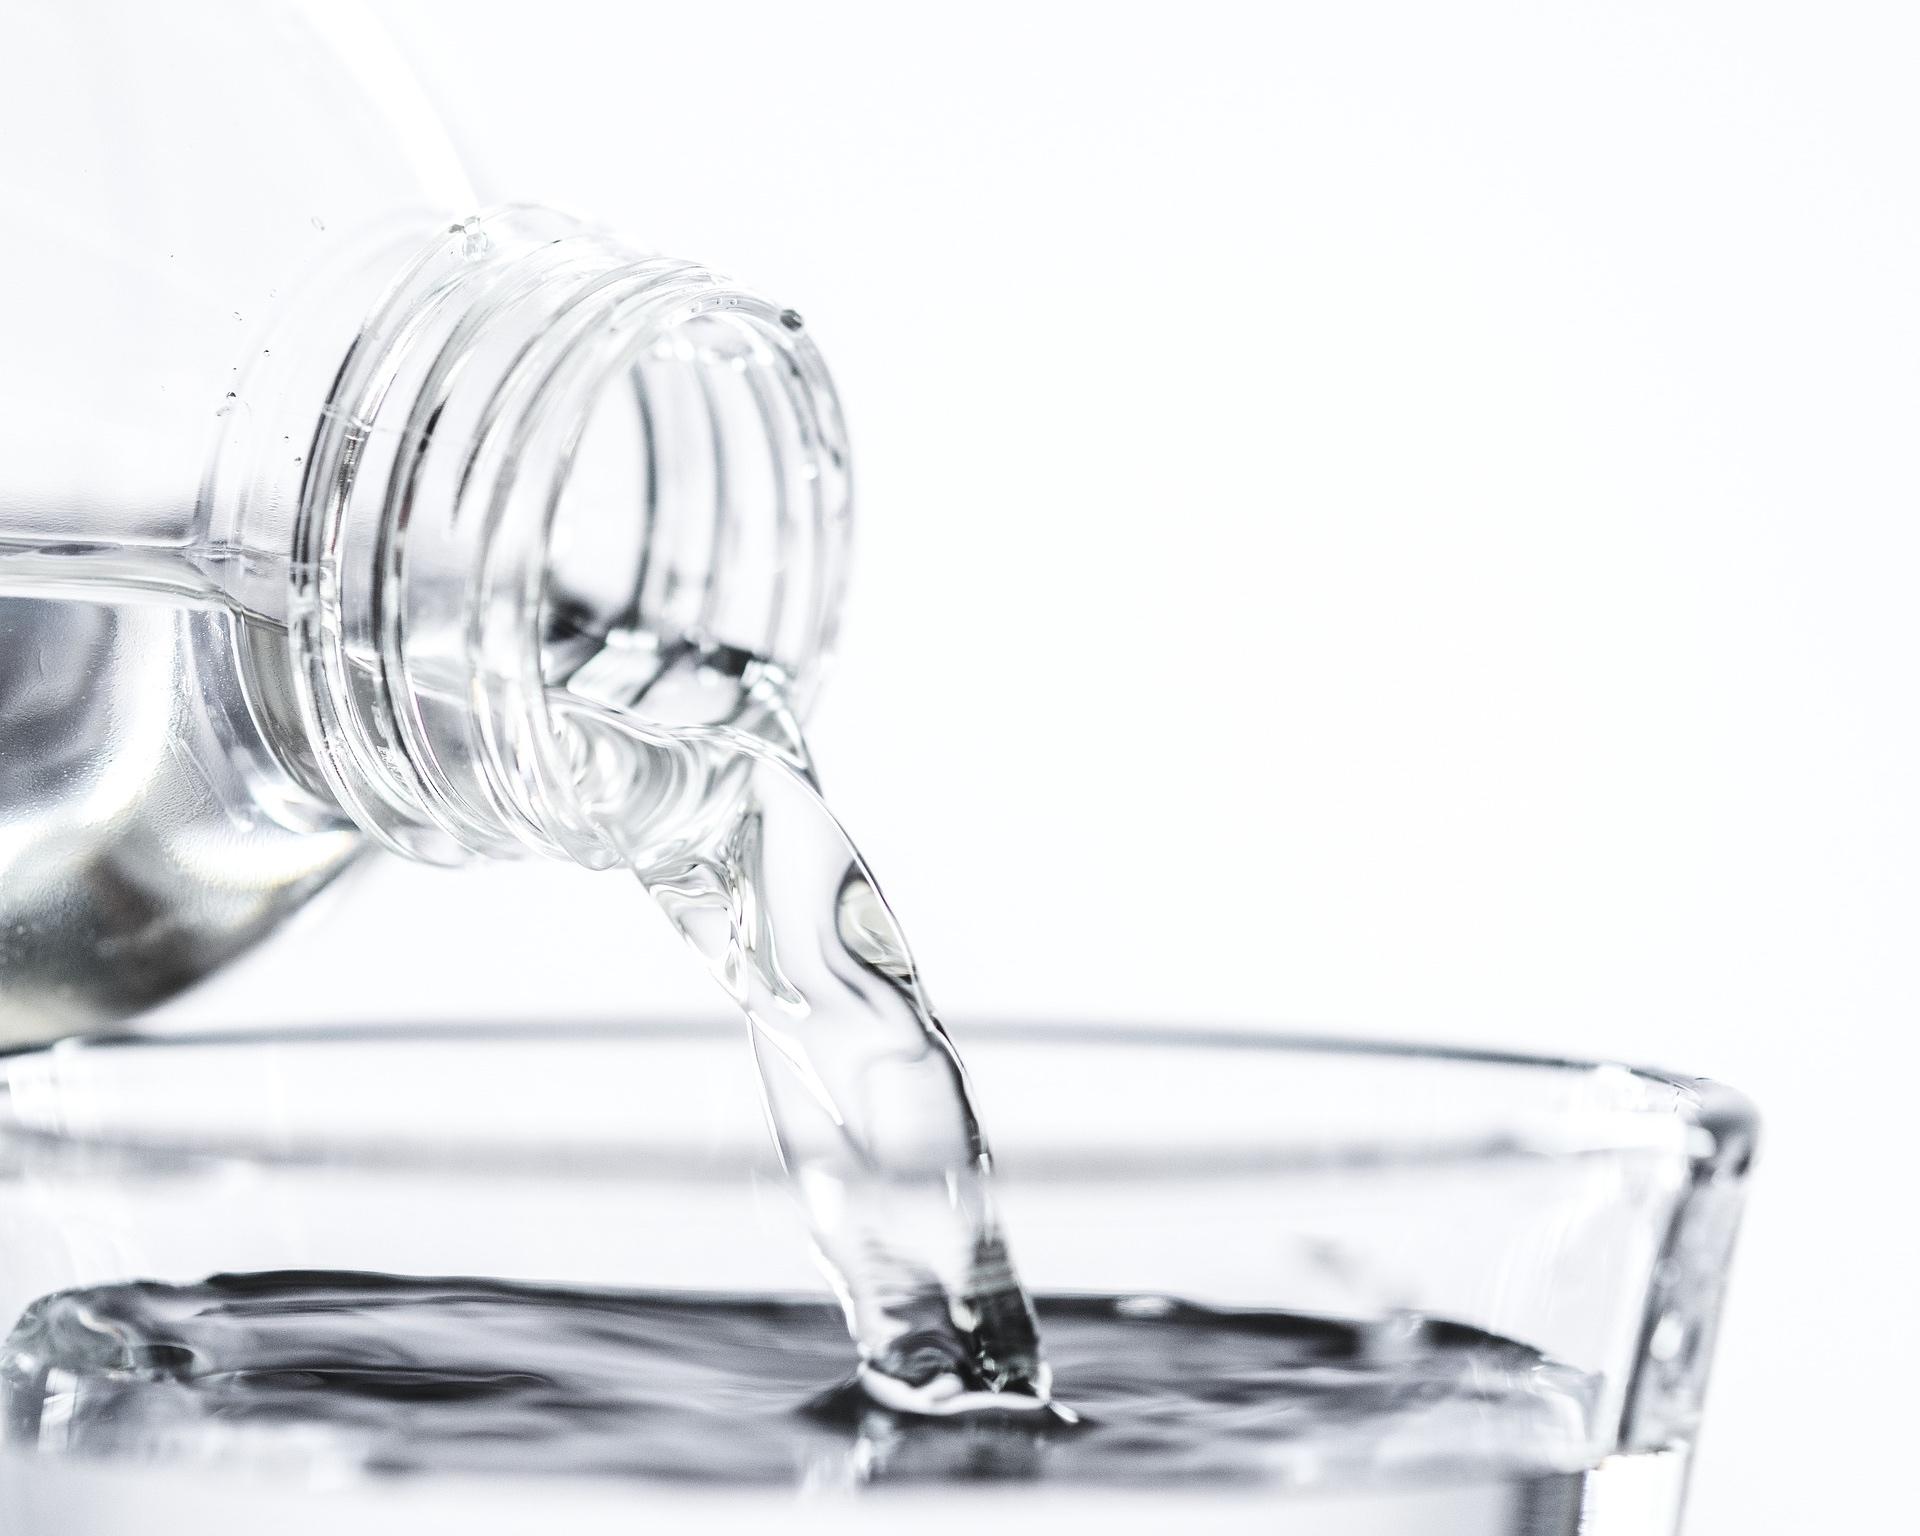 Mantenere una buona Idratazione - Il muscolo è fatto in gran parte di acqua e se non si beve abbastanza l'organismo attingerà da questa riserva, riducendo così la massa muscolare.